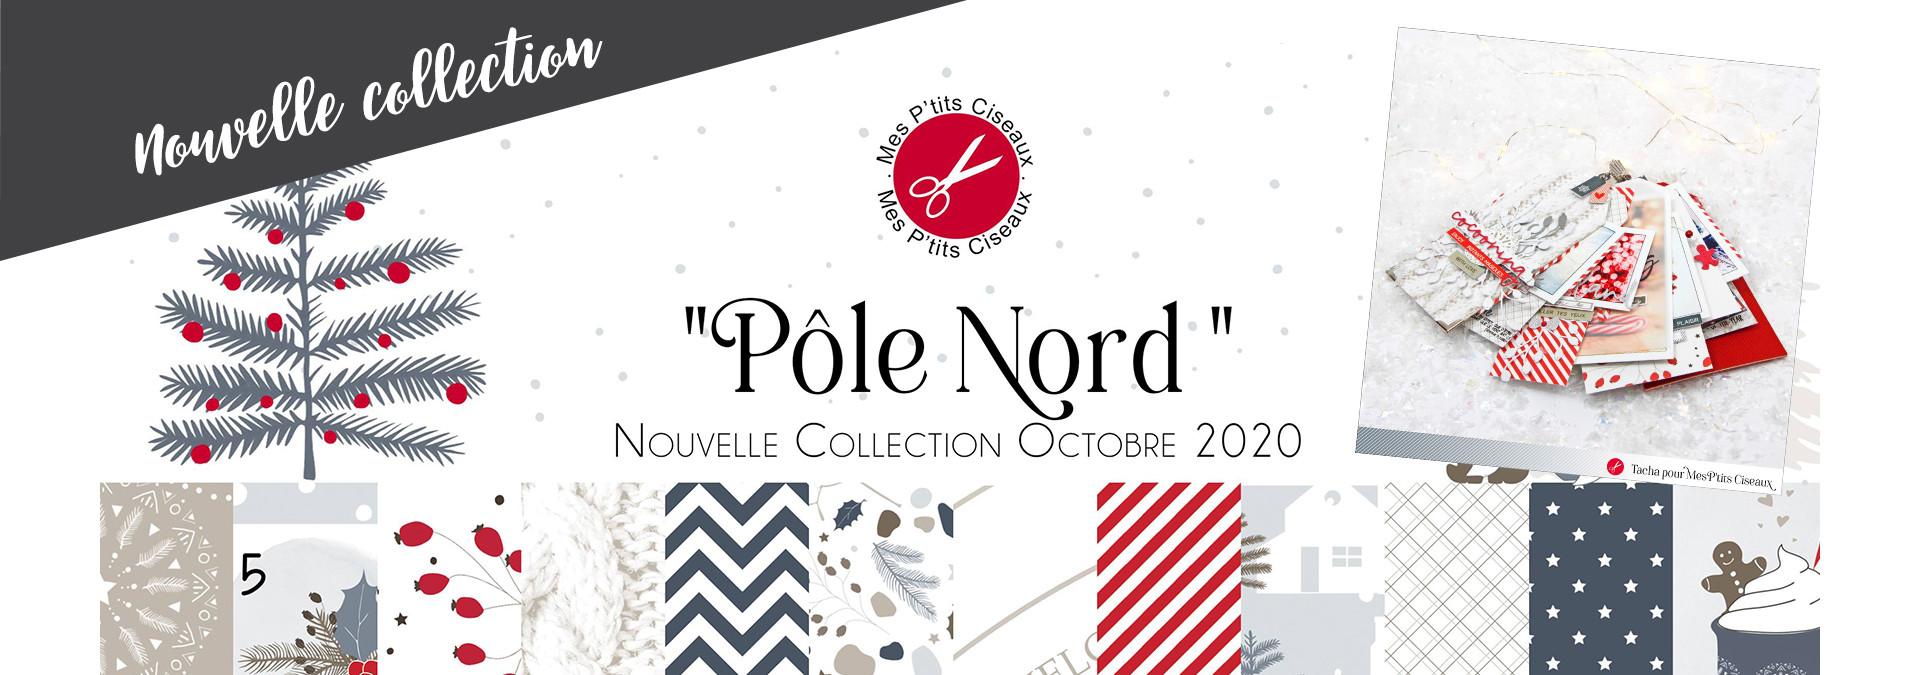 Nouvelle collection de Mes ptits ciseaux Pôle nord